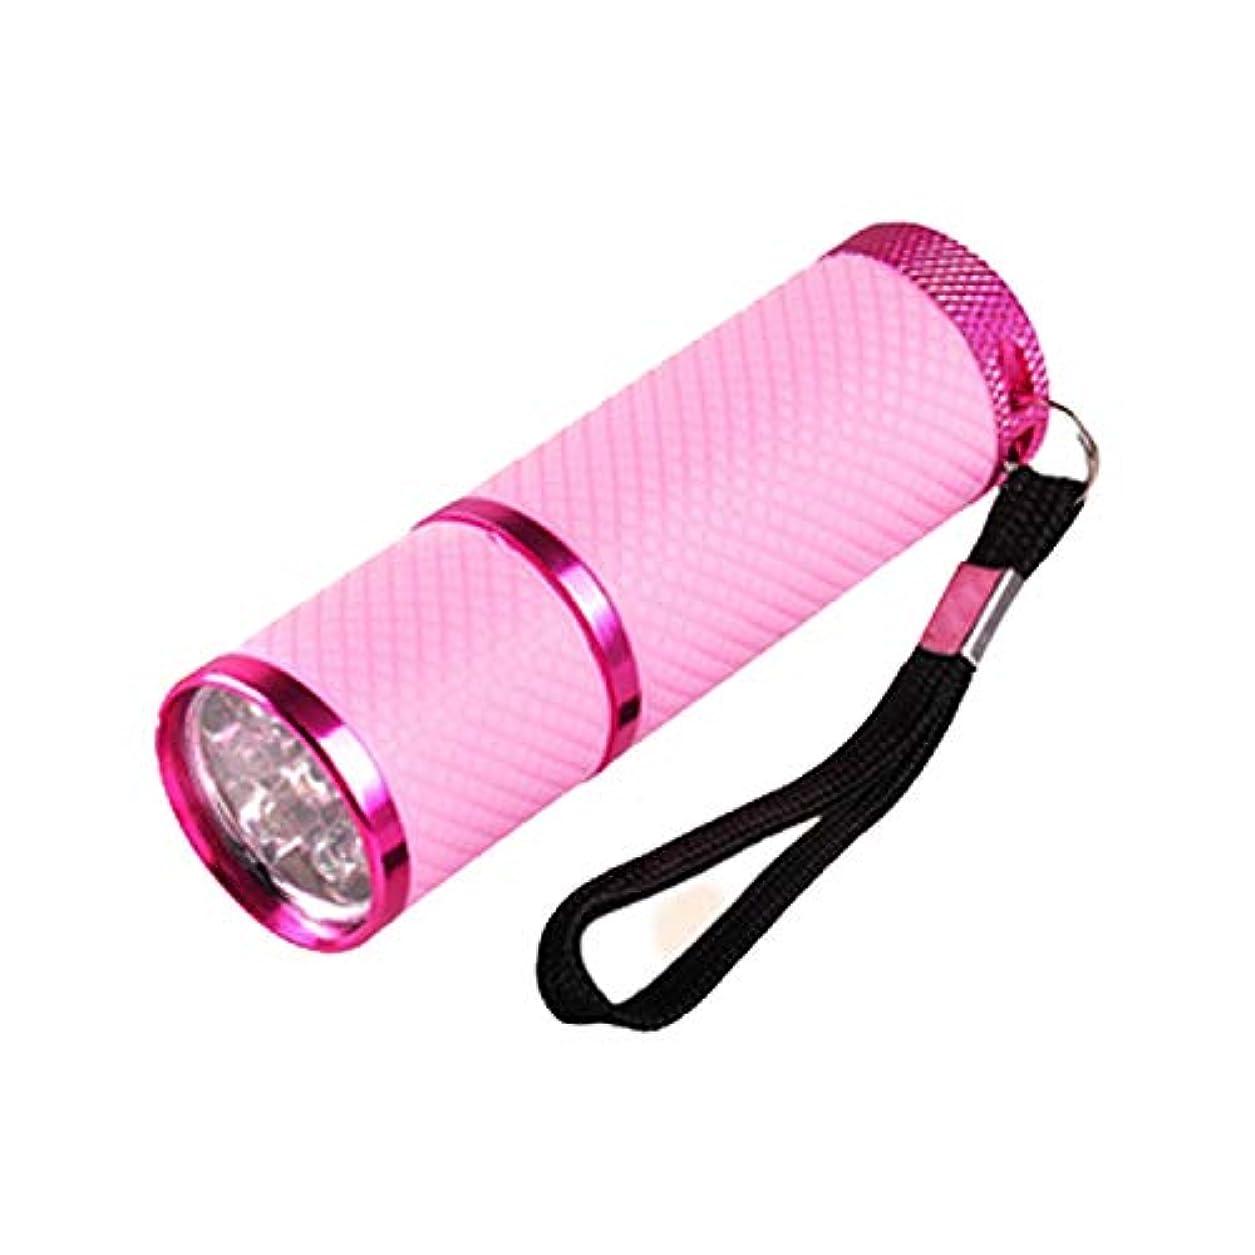 容赦ない相関するステッチネイル?レジンクラフト LED UVライト ピンク BY-NL550 ネコポス発送 送料無料